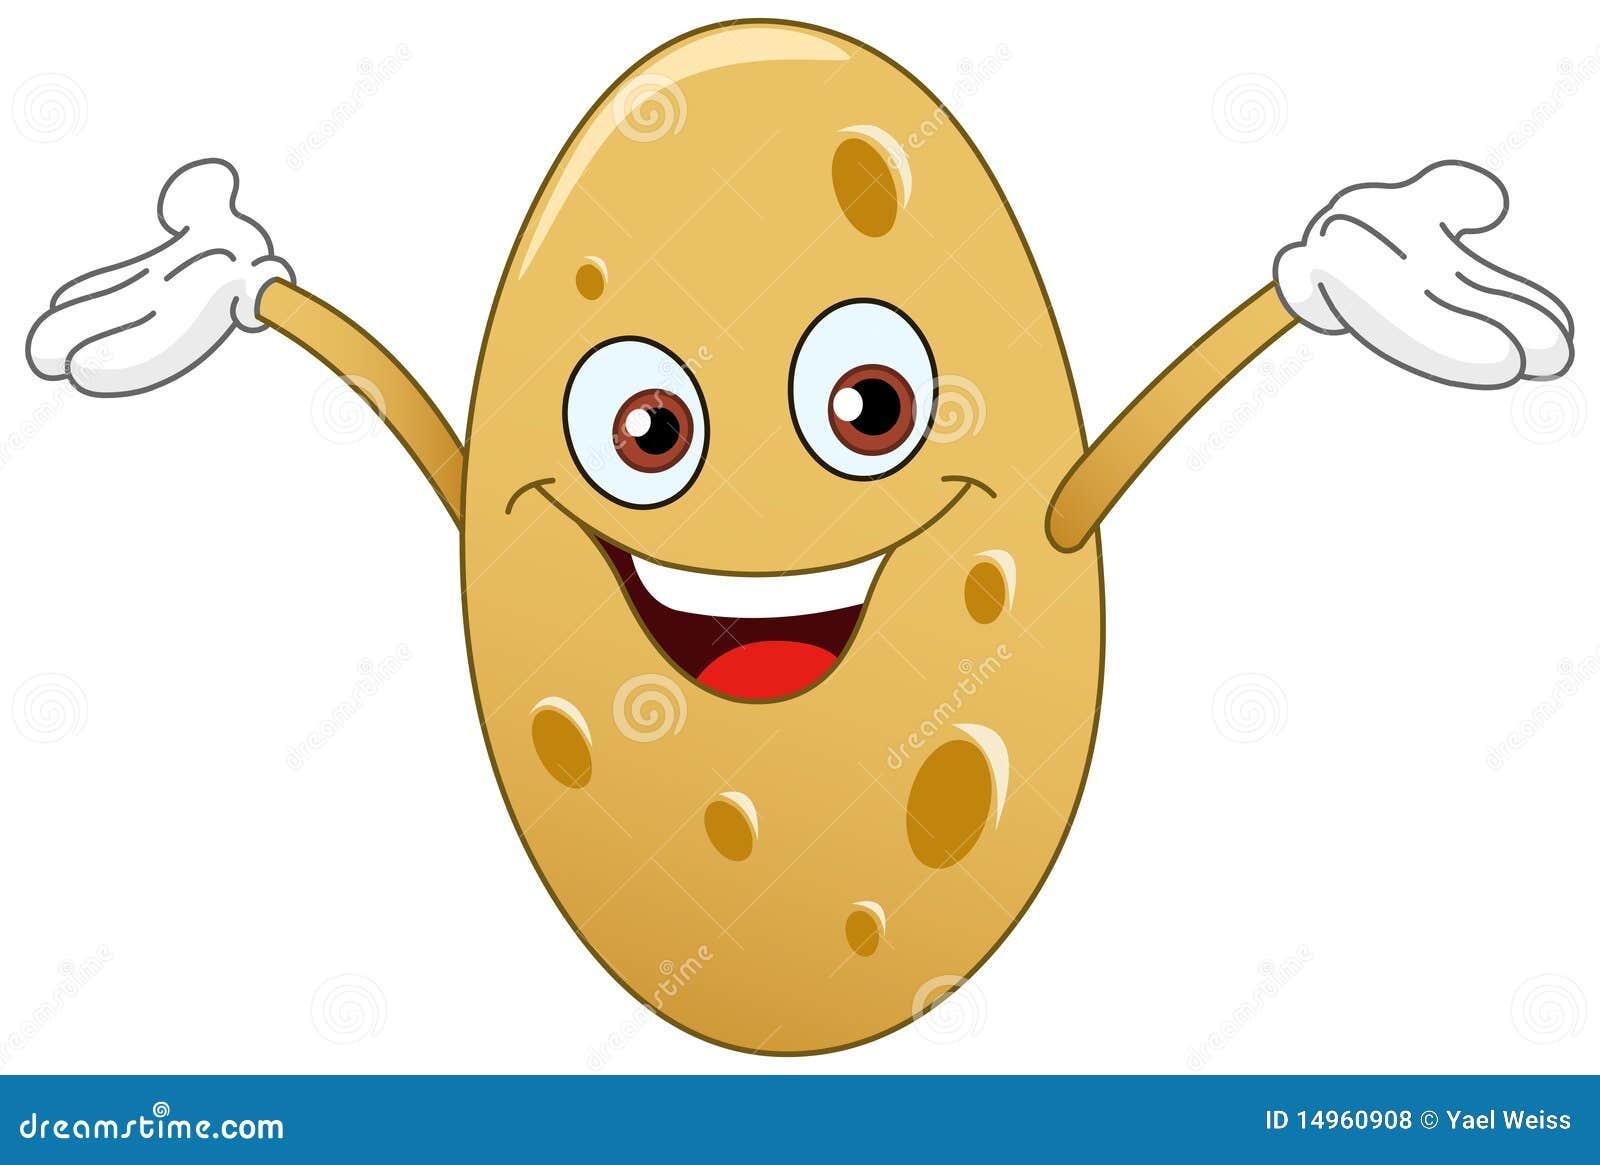 Potato Royalty Free Stock Photos - Image: 14960908